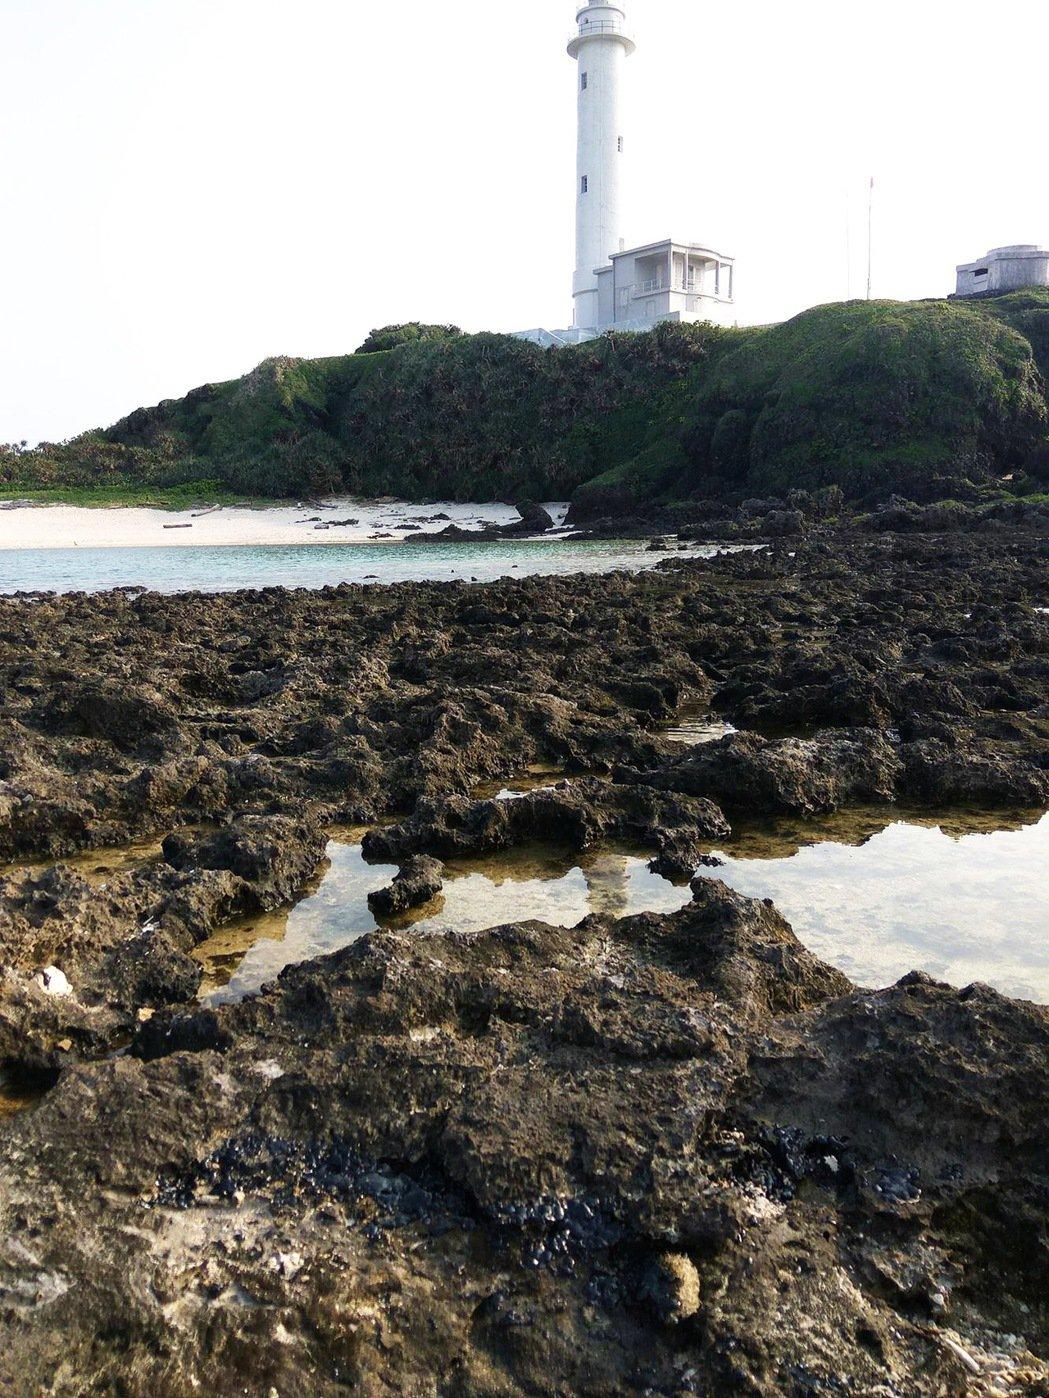 受到重油汙染,知名景點綠島燈塔附近大片礁岩都被汙油染黑。 圖/侯政廉提供